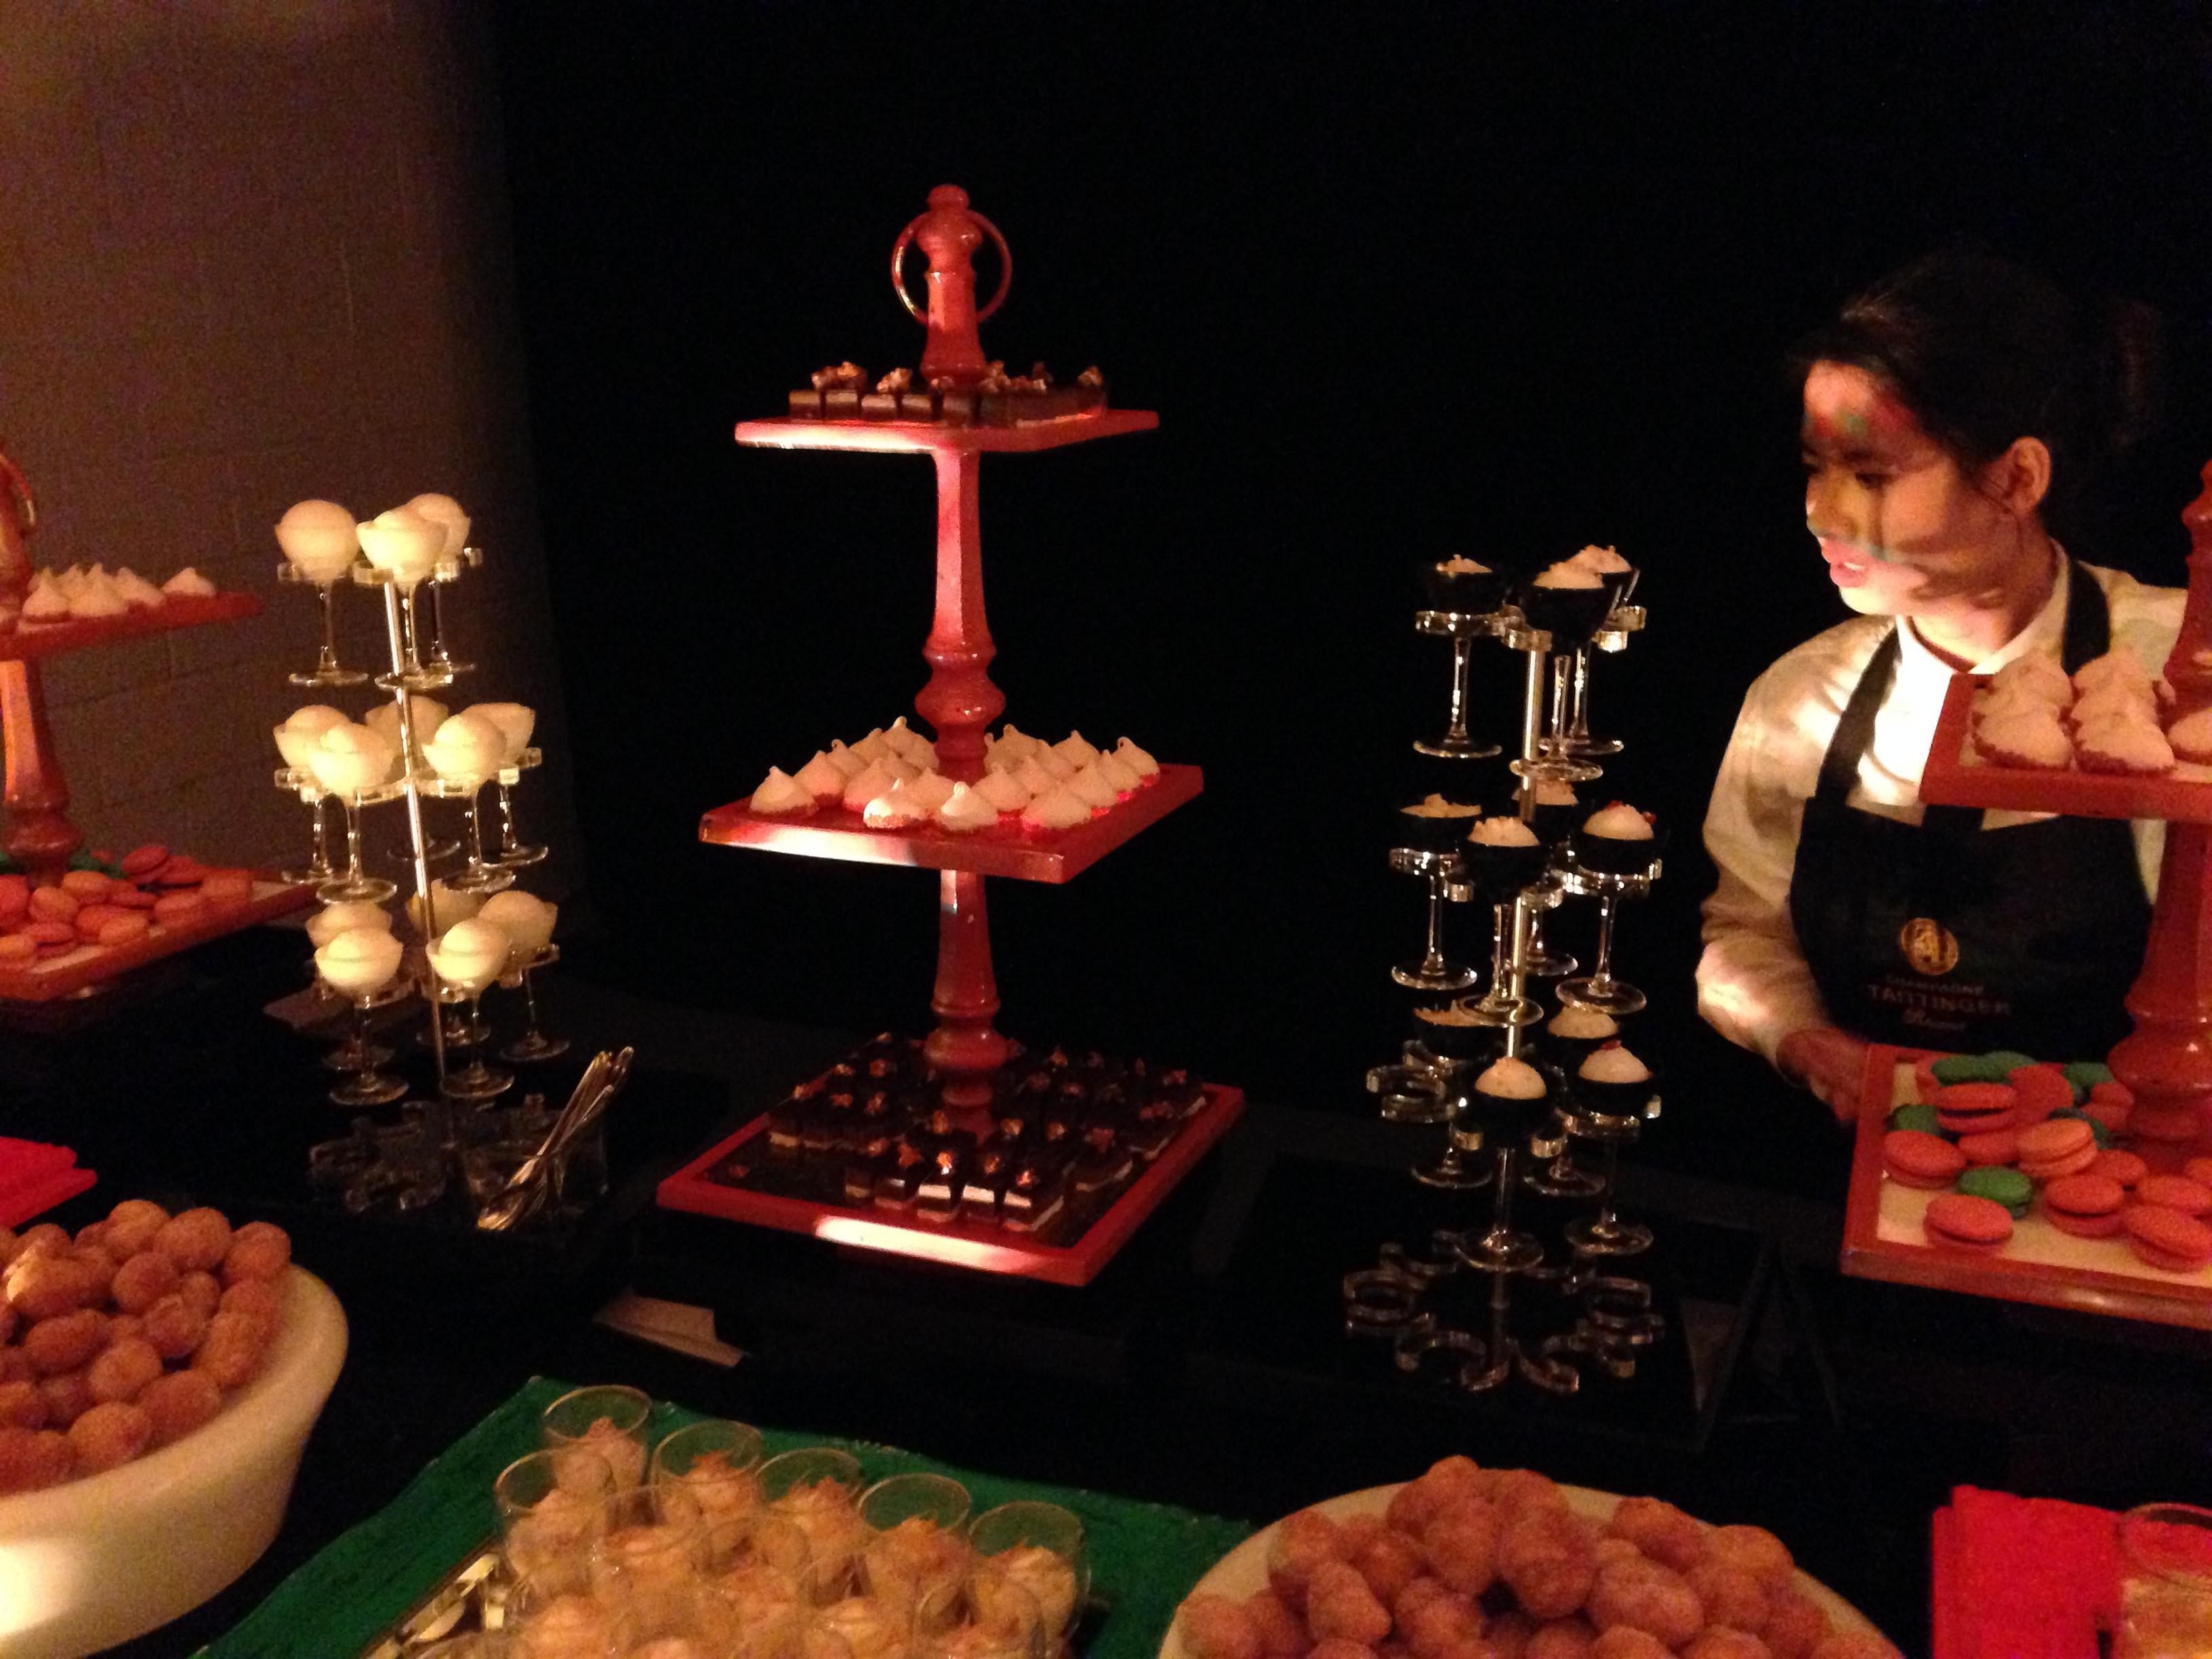 2014-03-12 22.40.40 BAFTAs - dessert bar